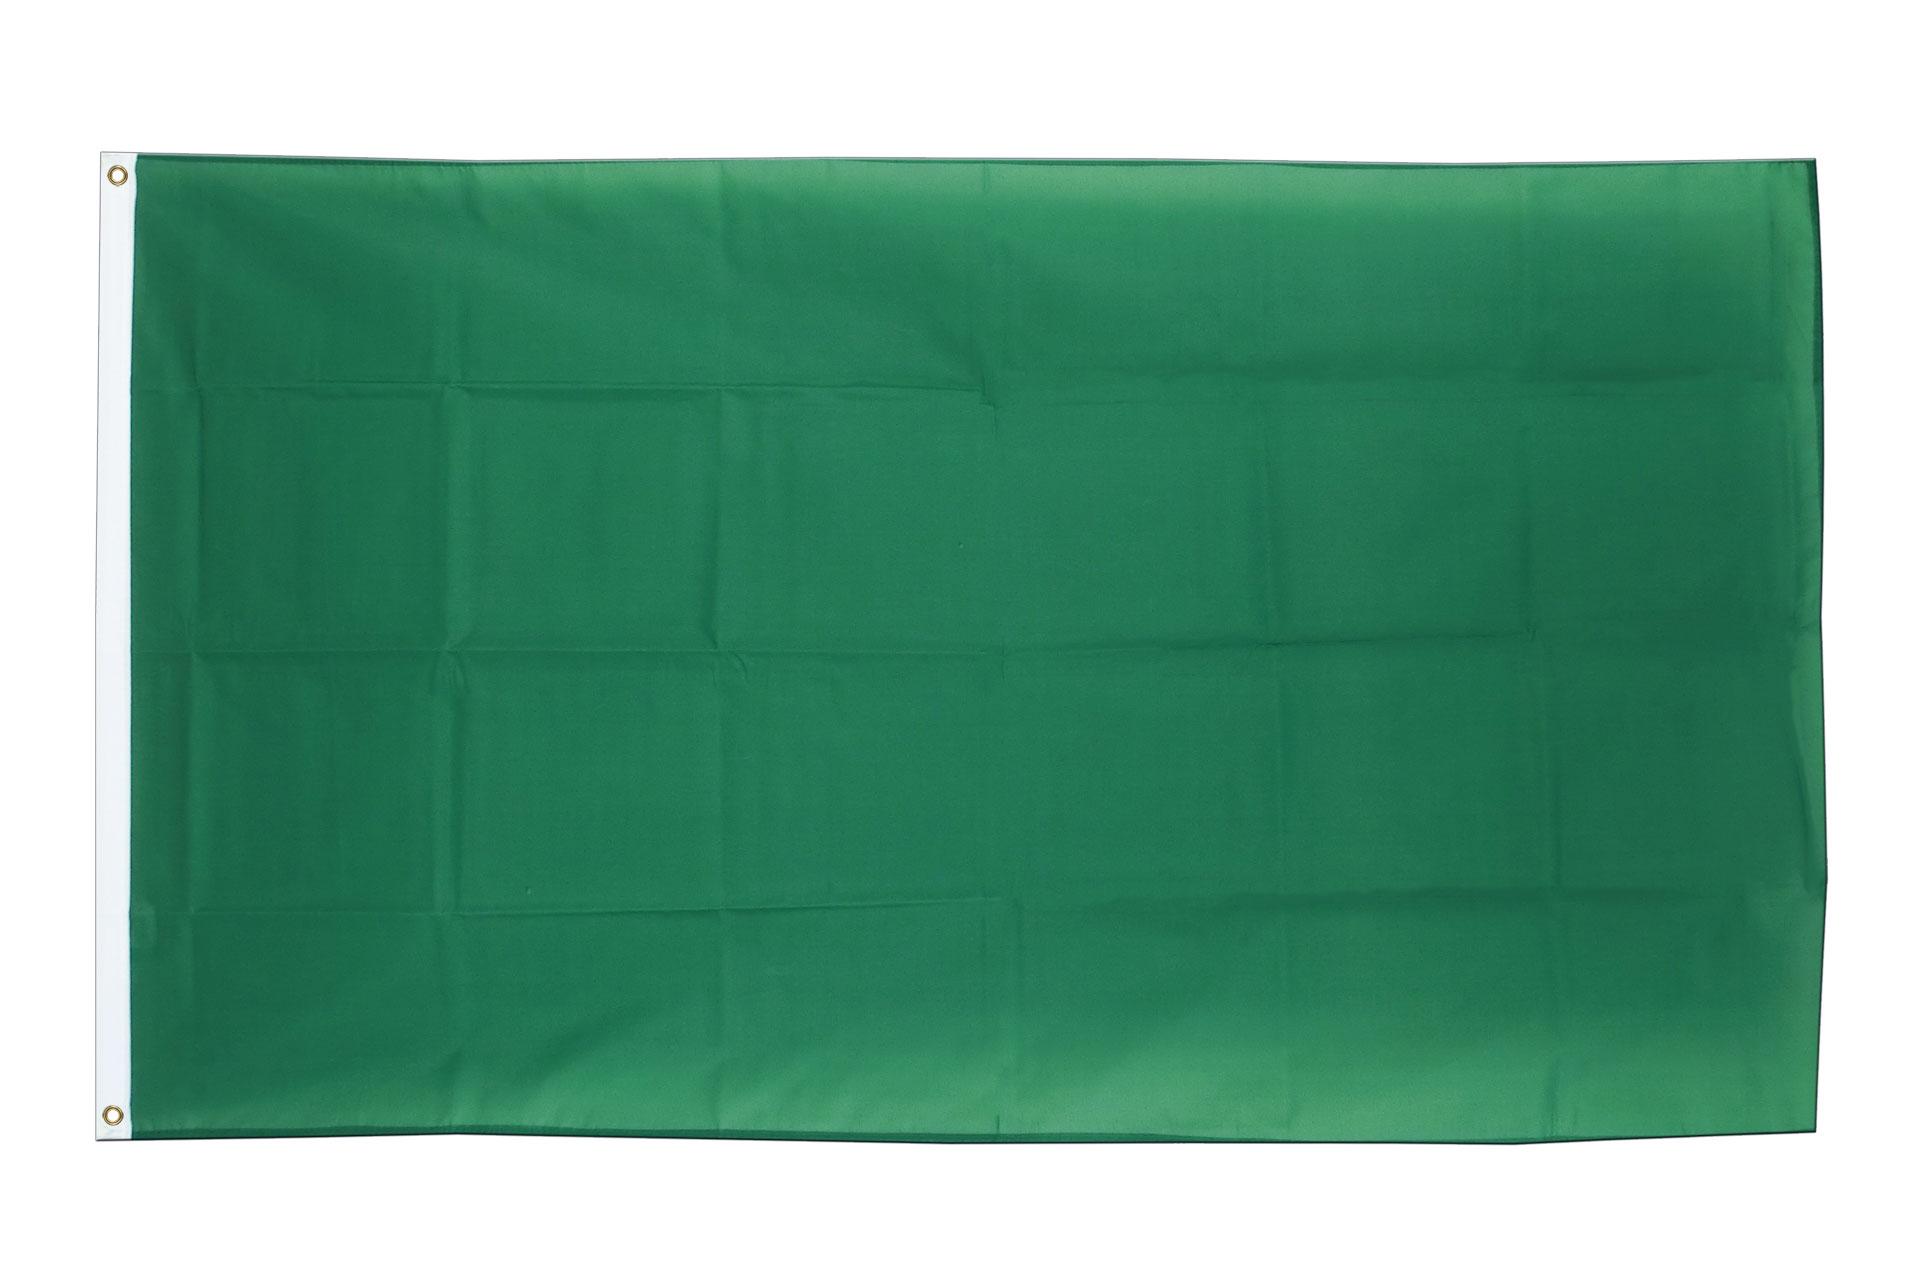 Drapeau pas cher vert 60 x 90 cm monsieur des drapeaux for Drapeau publicitaire exterieur pas cher